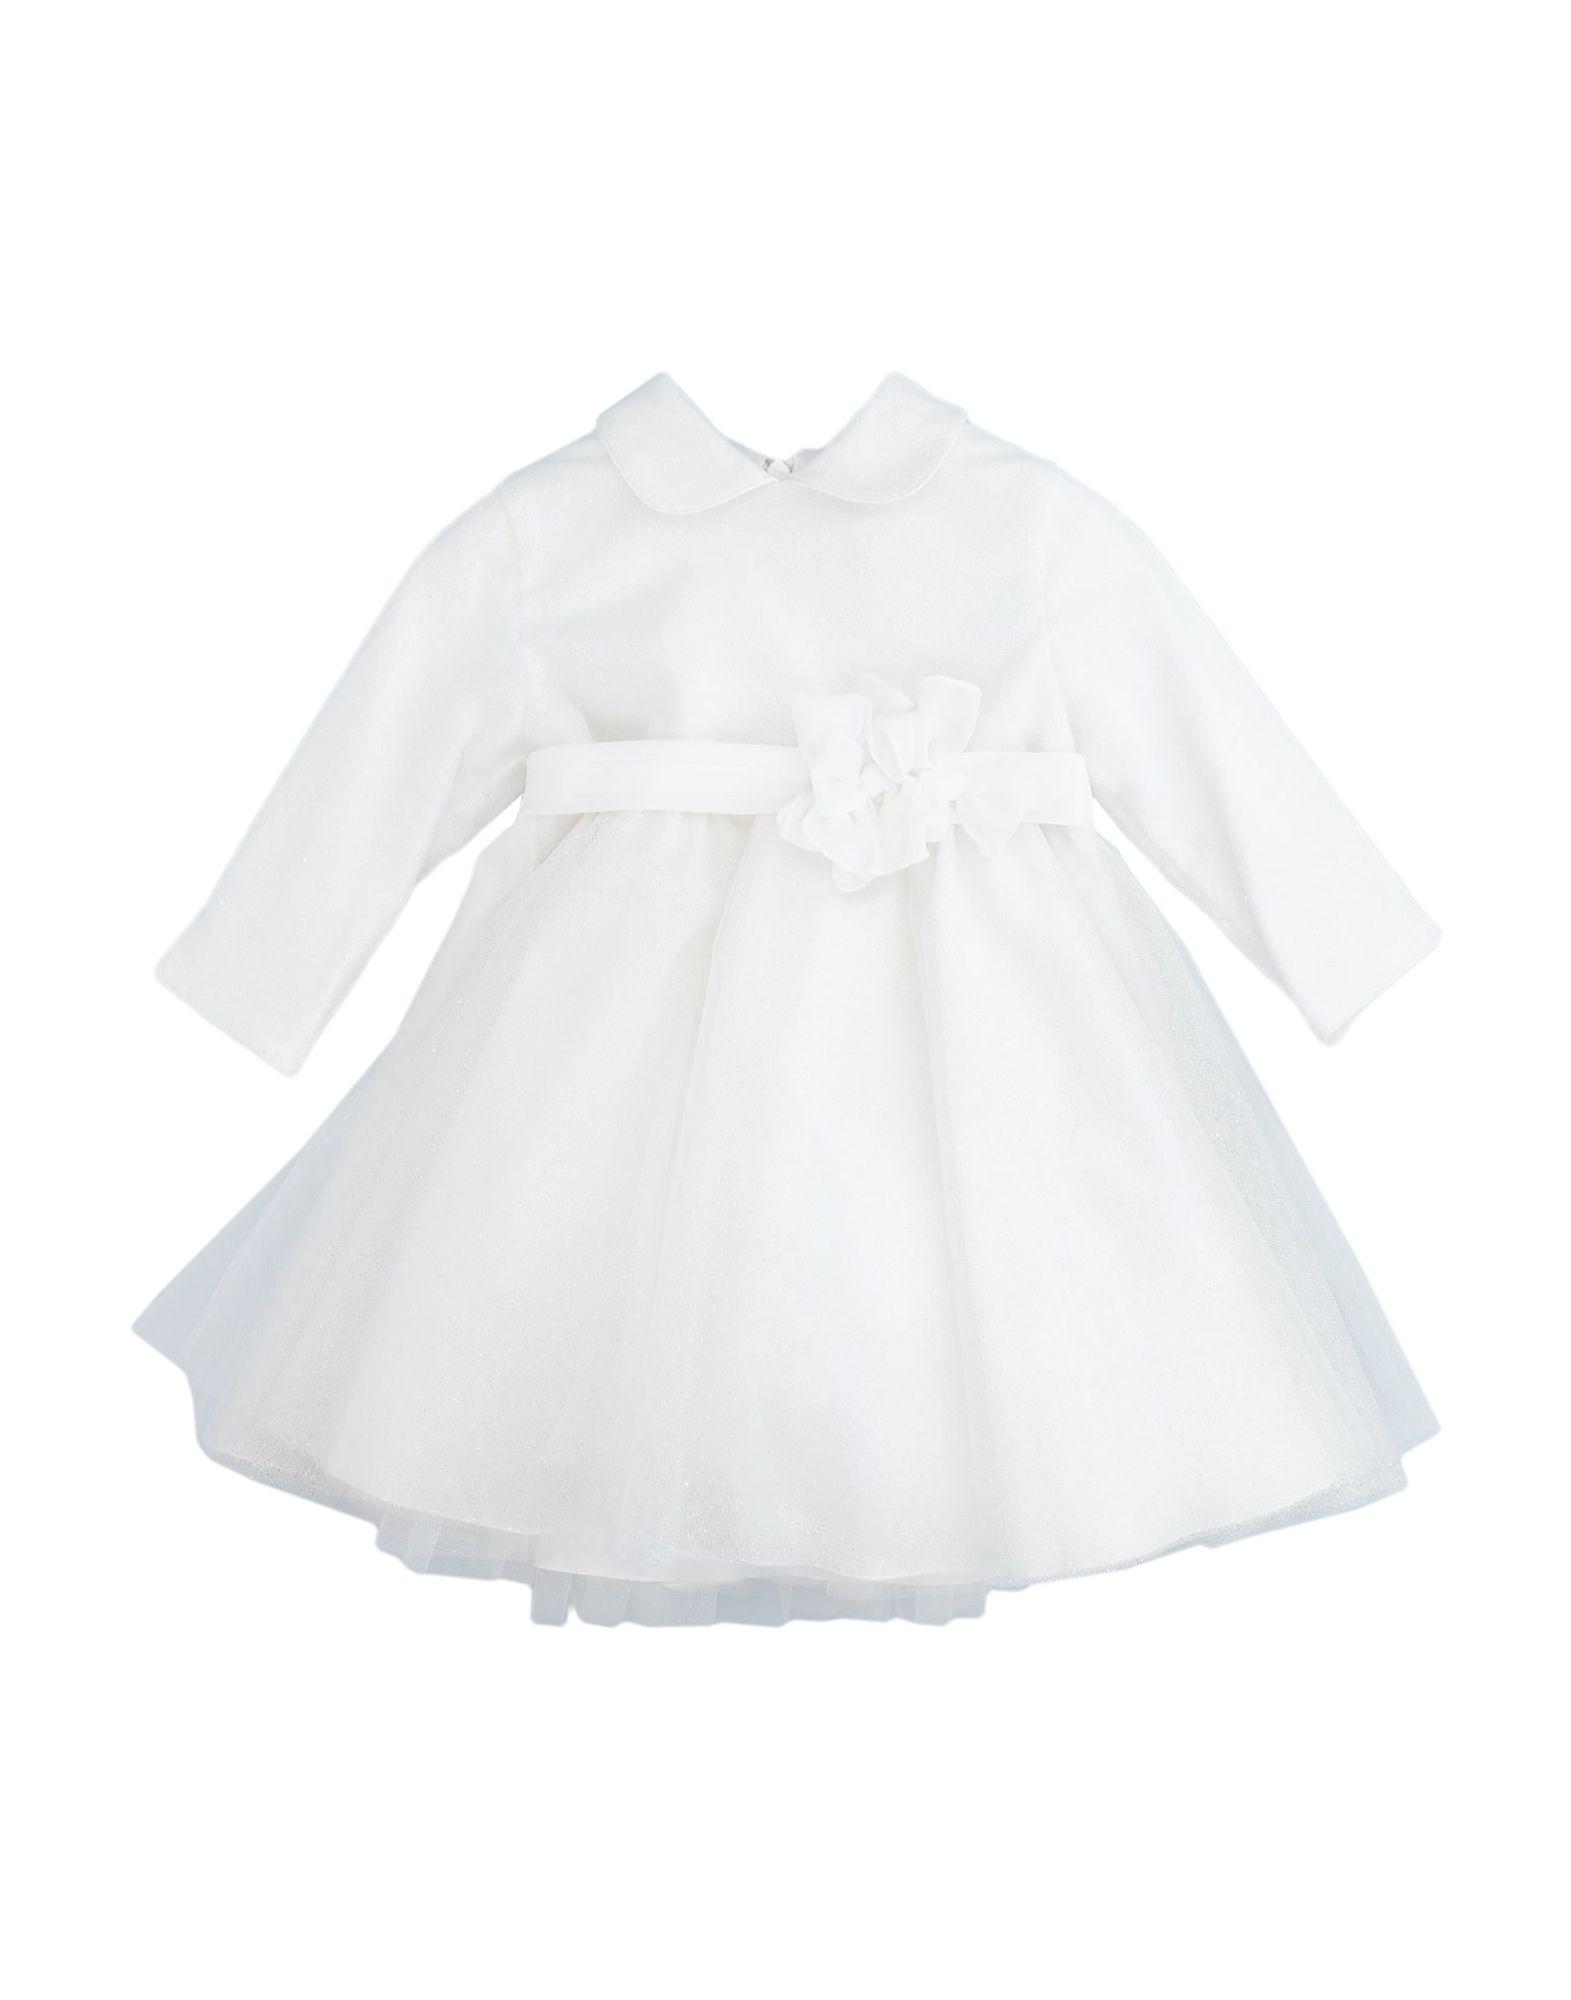 《セール開催中》ALETTA ガールズ 0-24 ヶ月 ワンピース・ドレス ホワイト 9 コットン 100% / ナイロン / ポリエステル